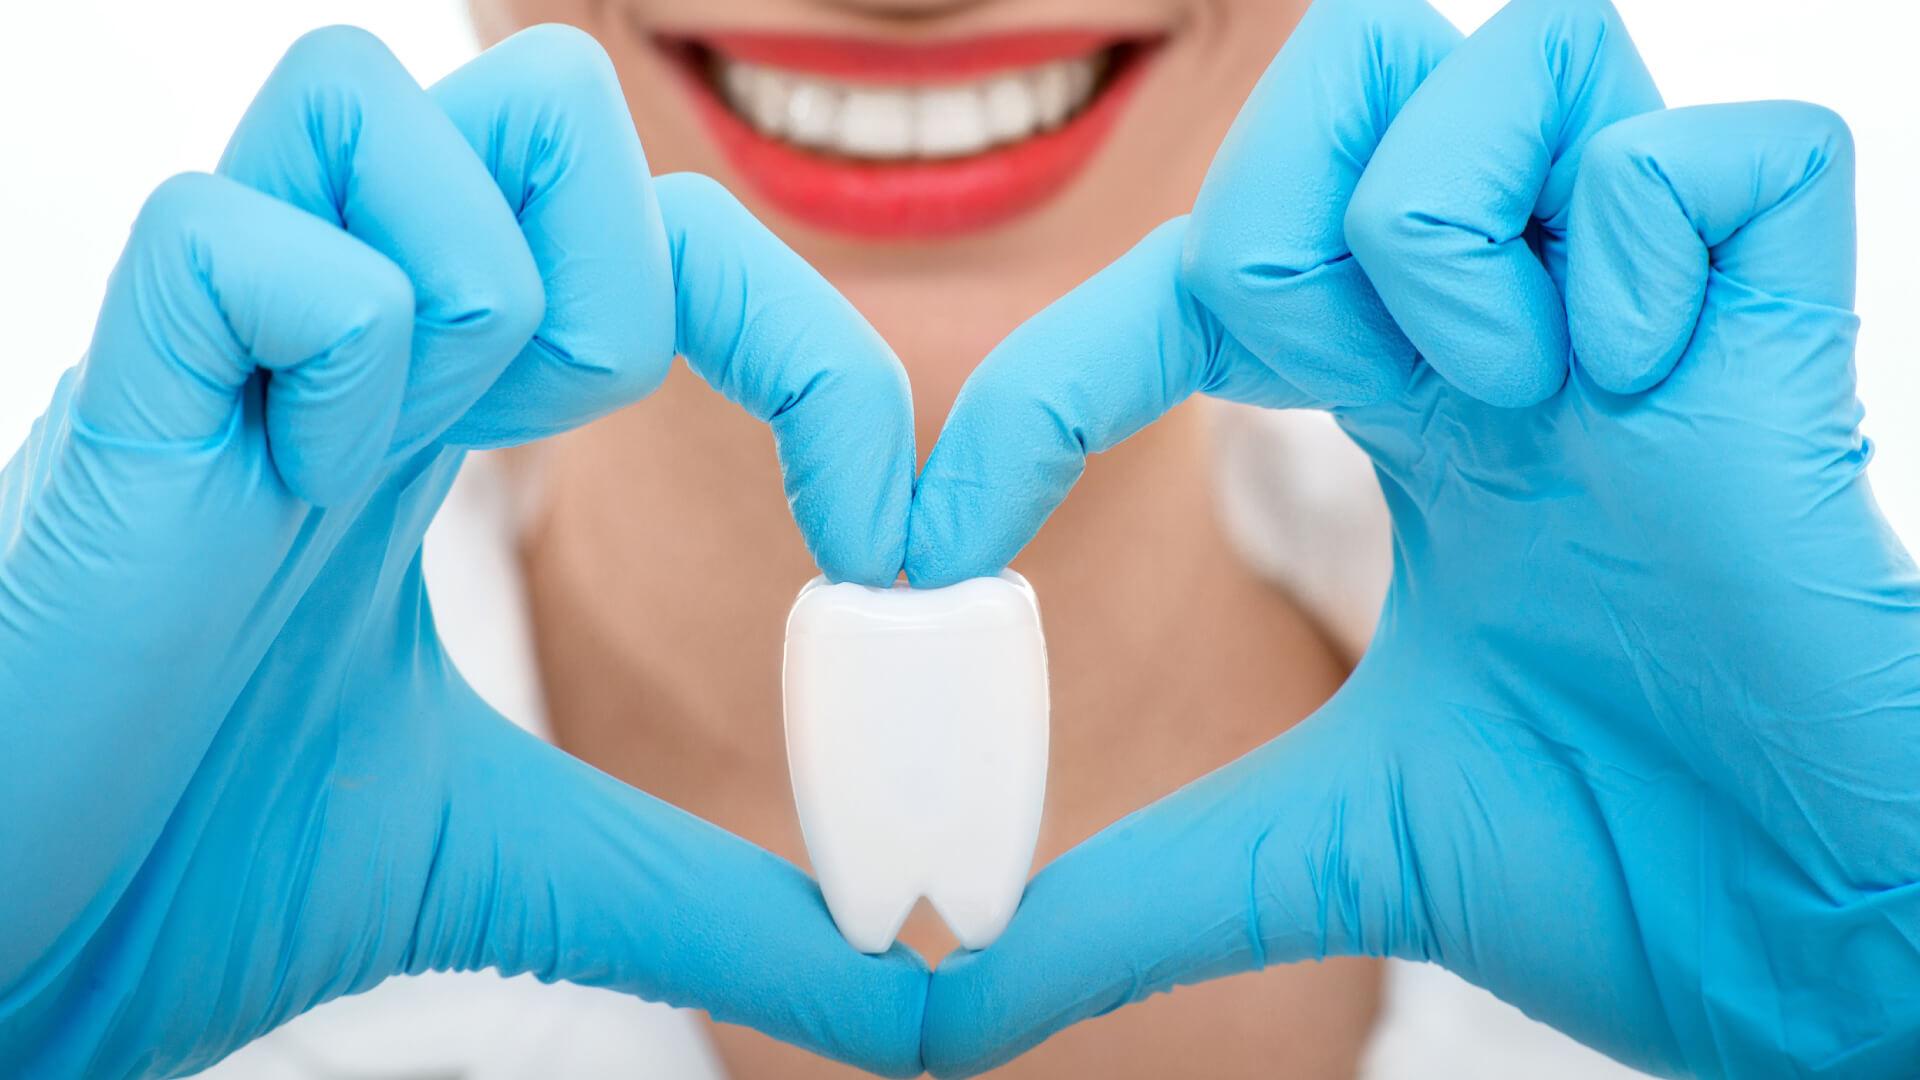 عامل خطرساز برای دندان